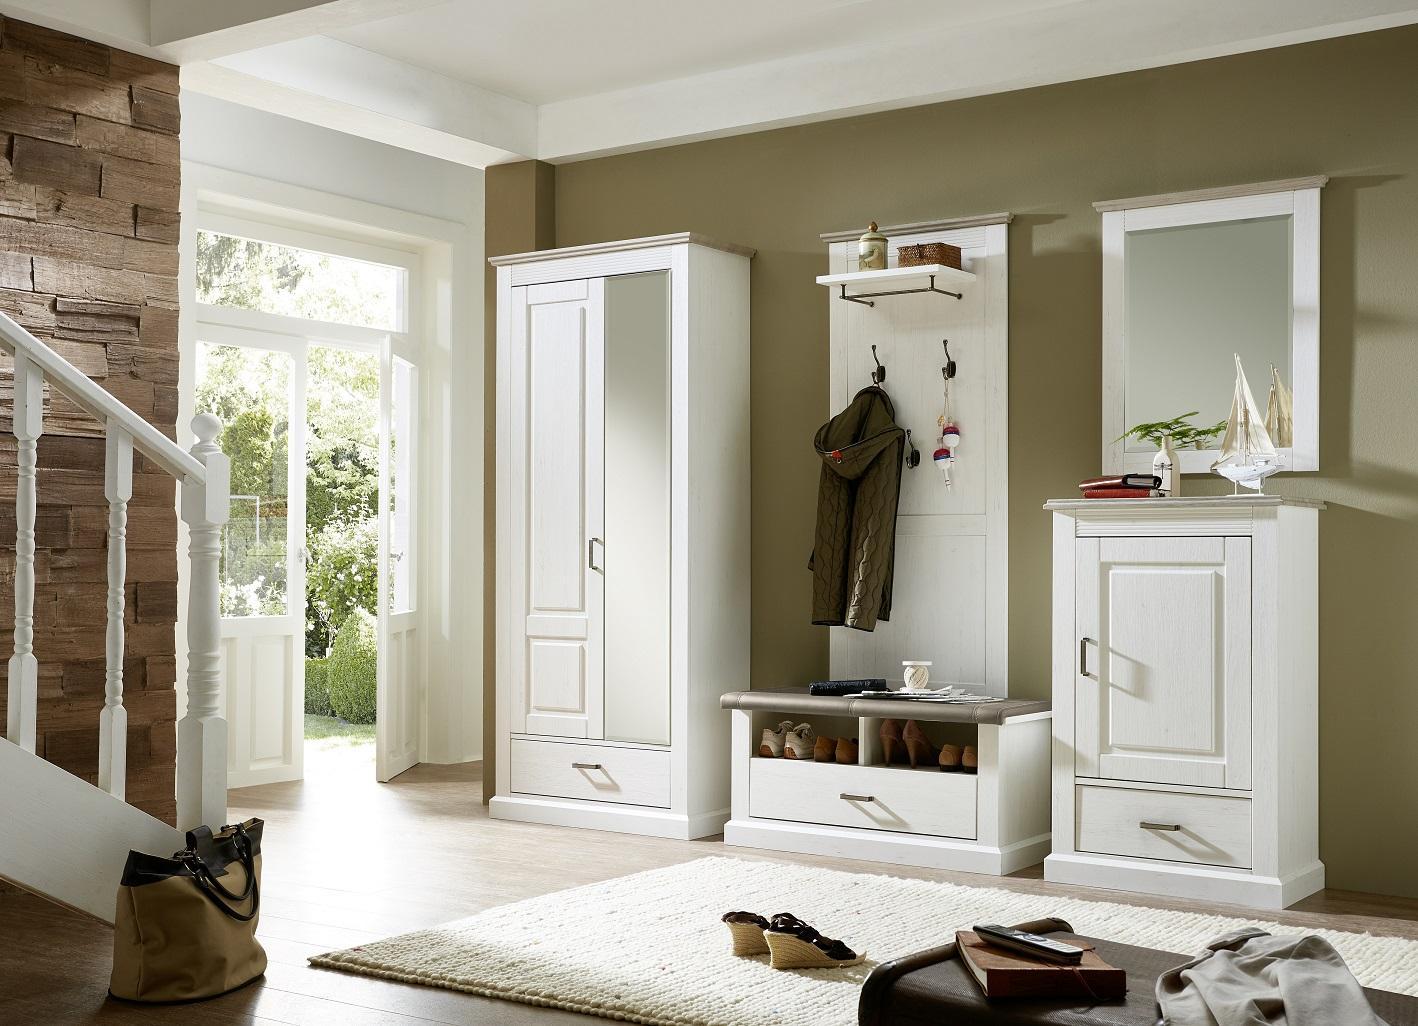 Zion schuhschrank garderobenschrank schuhregal garderobe for Garderobe und schuhregal